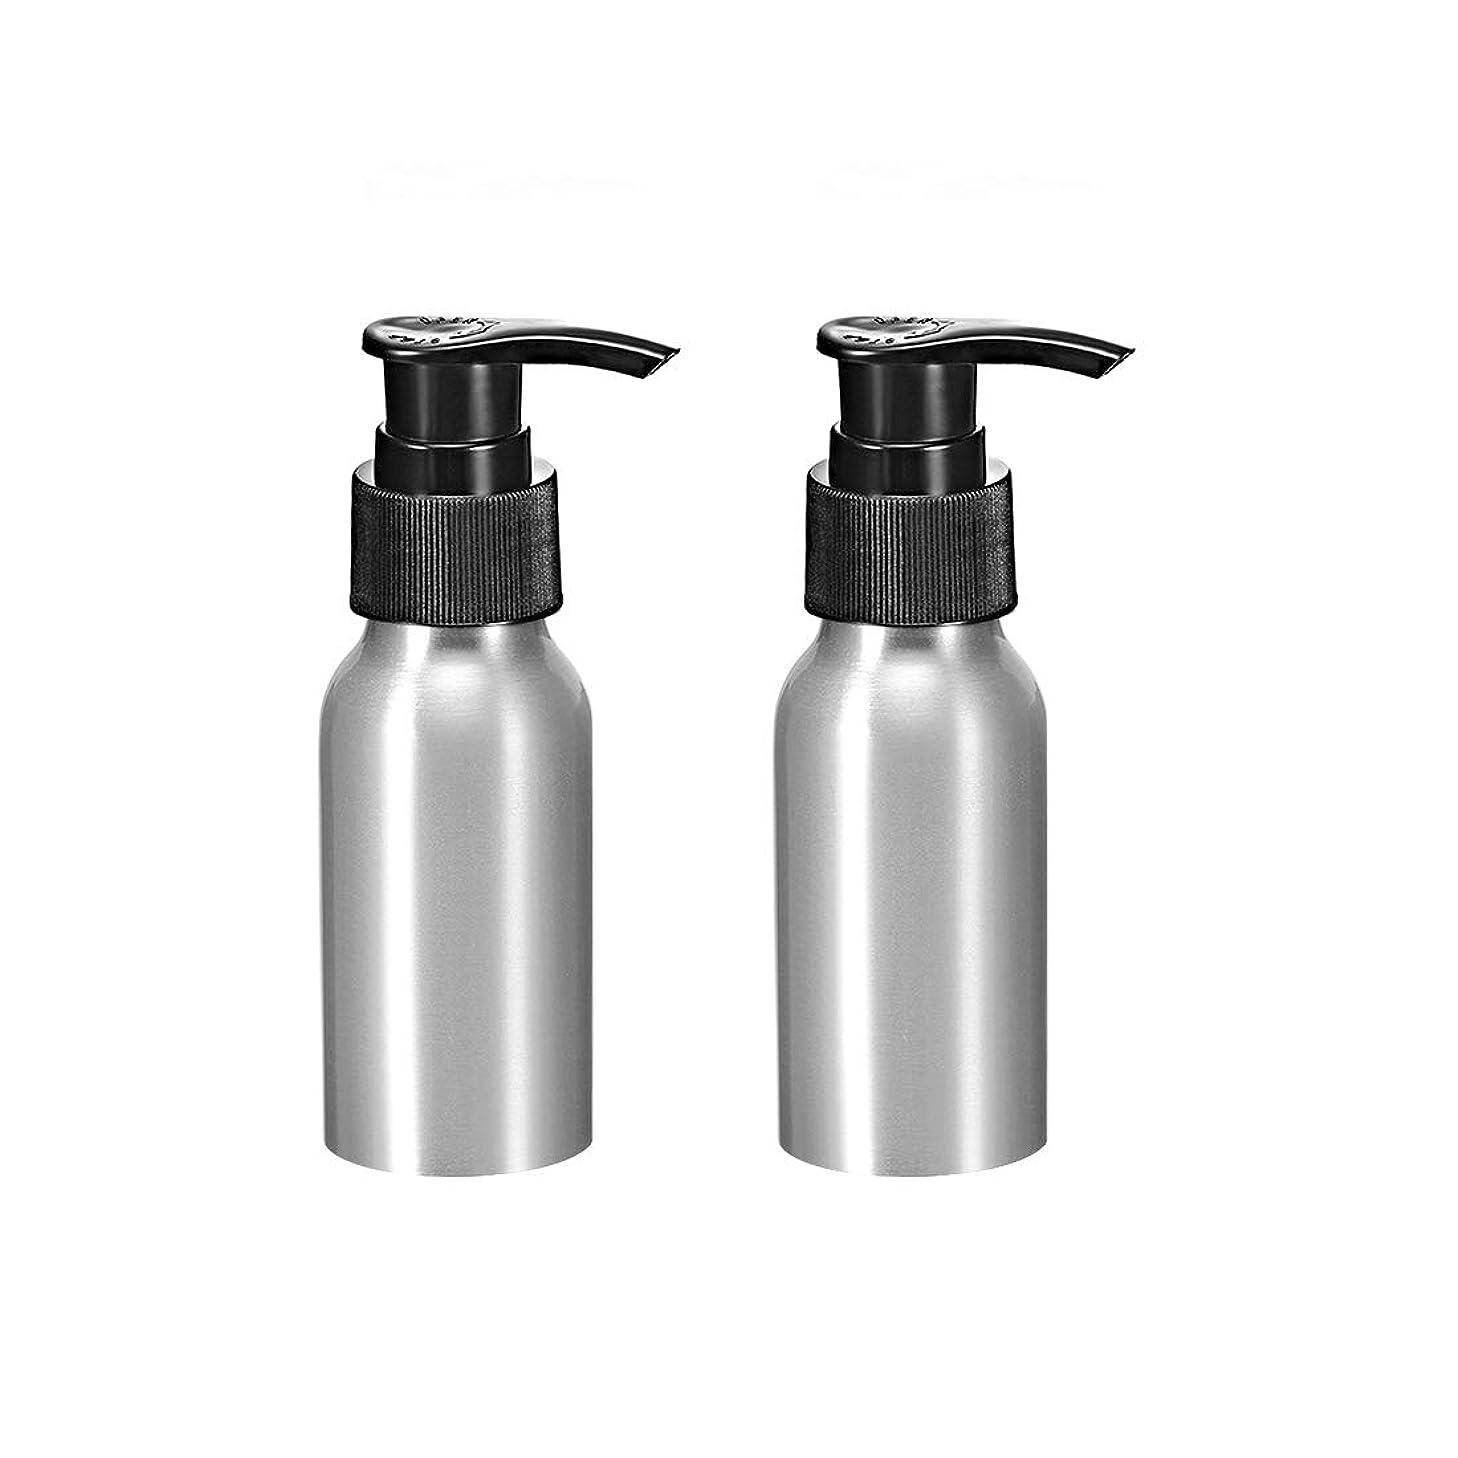 ホーン解明ガラガラuxcell uxcell アルミスプレーボトル ブラックファインミストスプレー付き 空の詰め替え式コンテナ トラベルボトル 1.7oz/50ml 2個入り